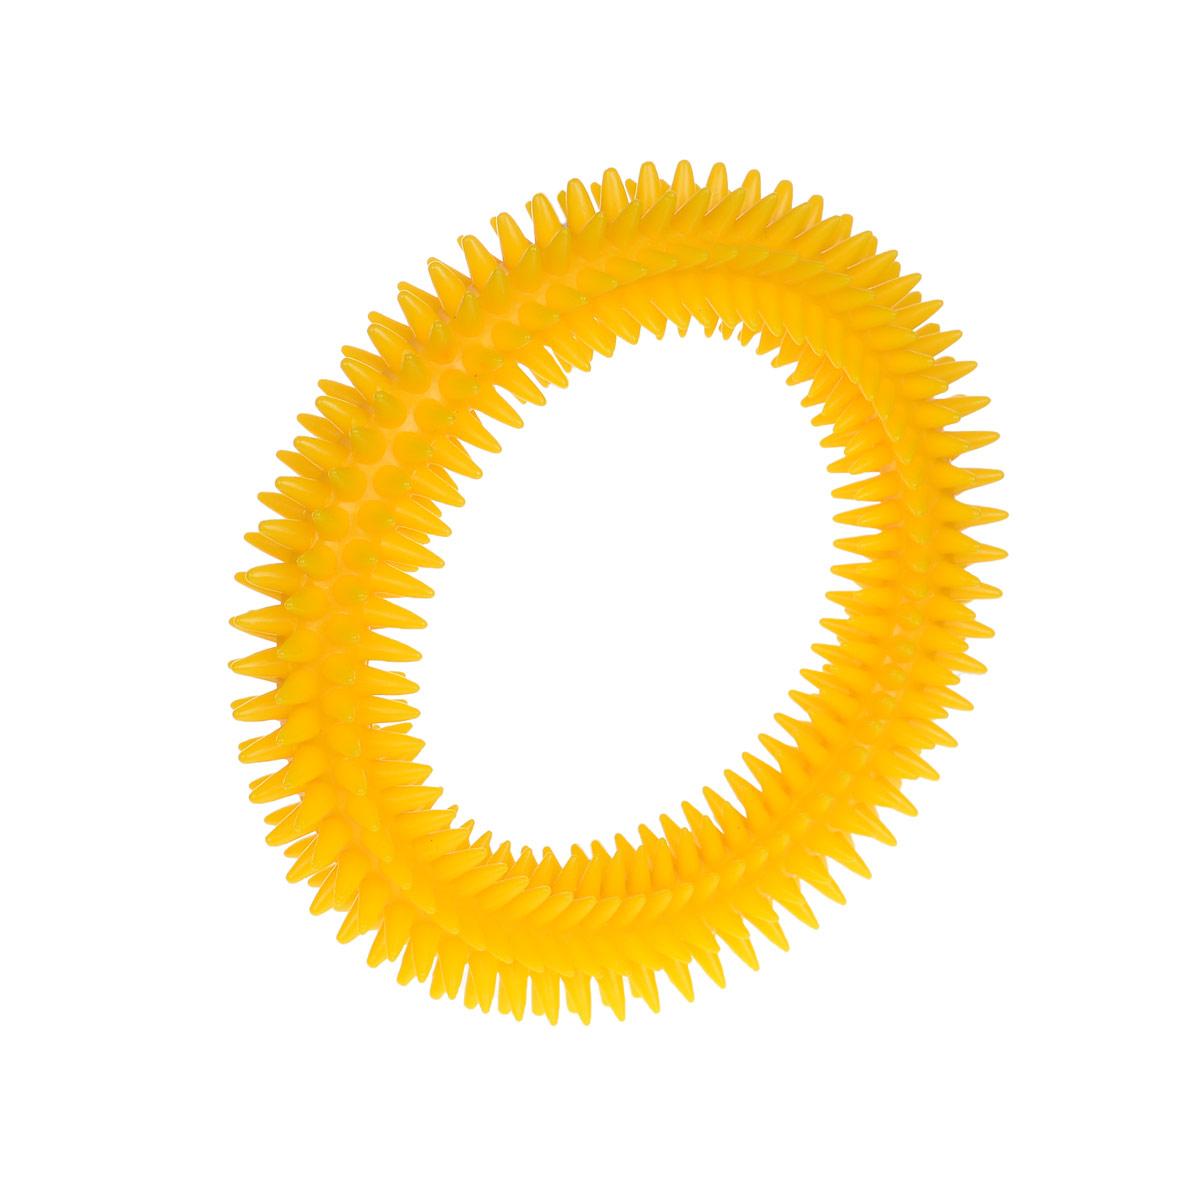 Кольцо массажное с шипами V.I.Pet, цвет: желтый, диаметр 12 см133YEXМассажное кольцо с шипами V.I.Pet предназначено для собак. Прочная игрушка выполнена из пластика с использованием только безопасных, не токсичных красителей. Отлично подходит для игры с собакой, во время которой будет происходить массаж и укрепление десен вашего питомца. Как и в случае с любой другой игрушкой для животных, присматривайте за собакой во время игры. Диаметр: 16 см.Товар сертифицирован.